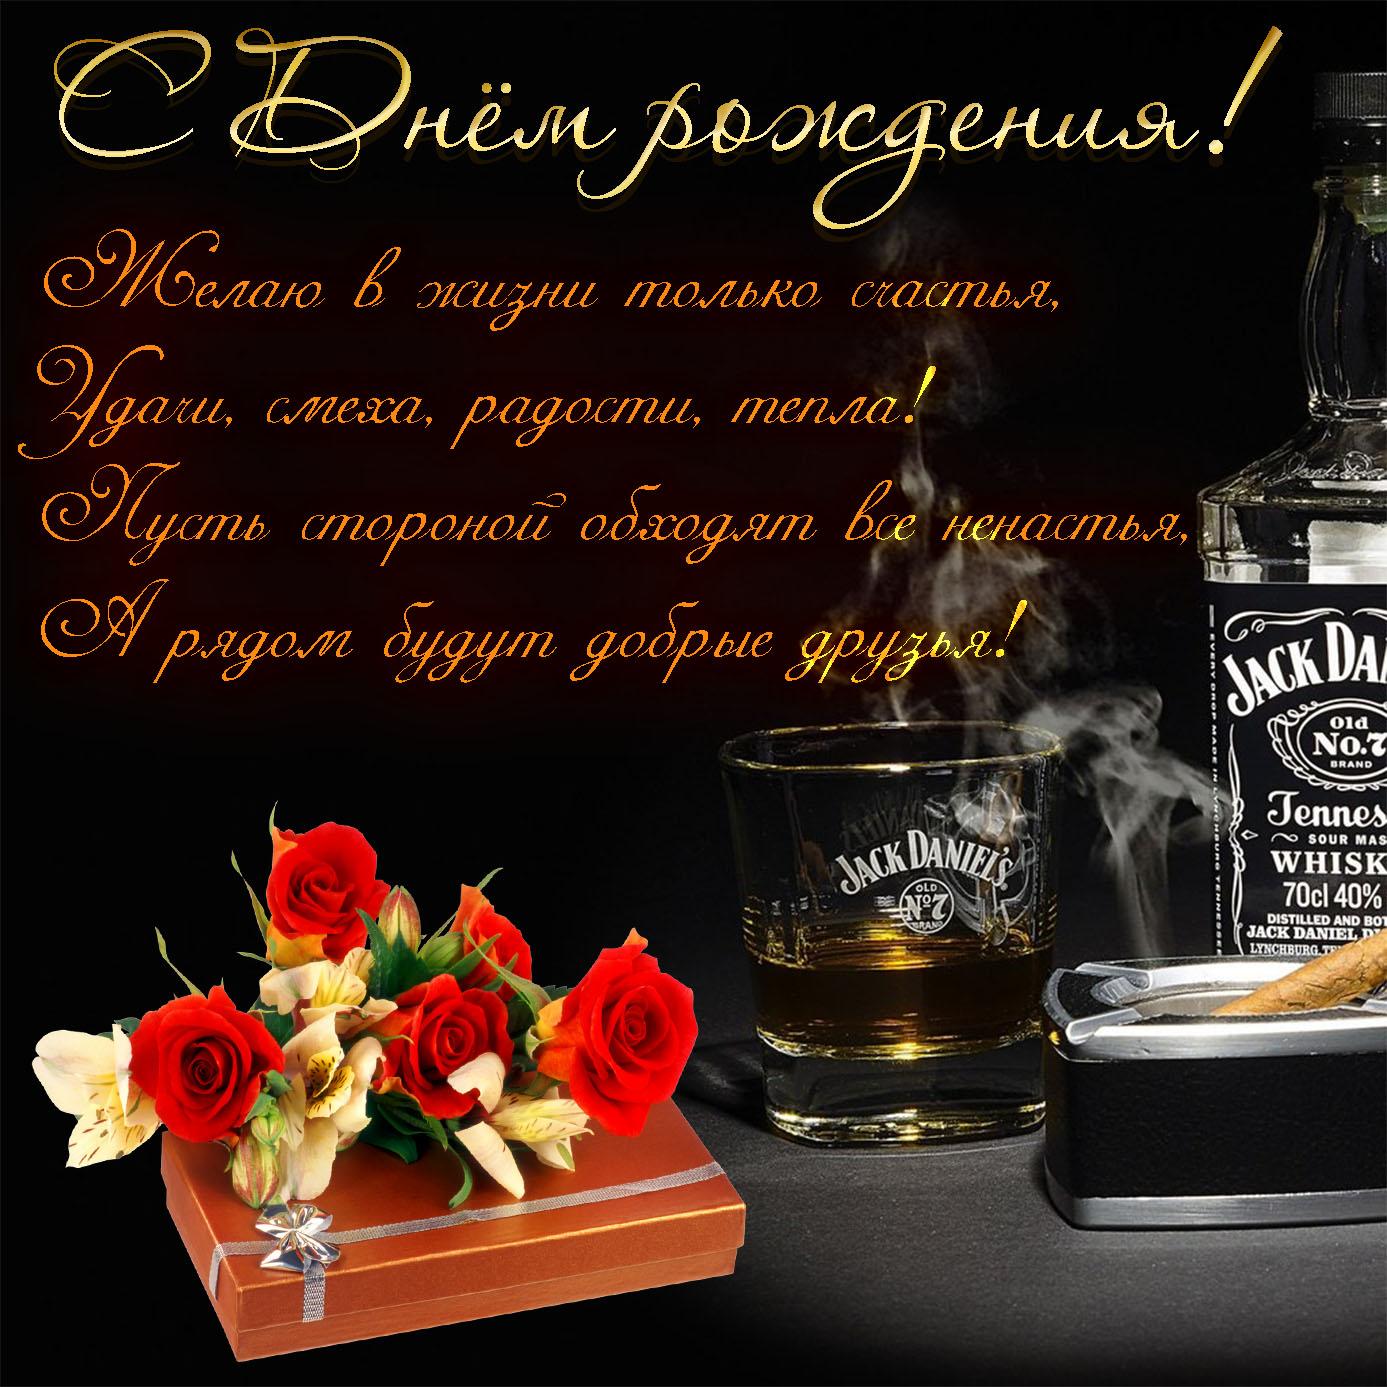 Открытка на День рождения с виски и розами